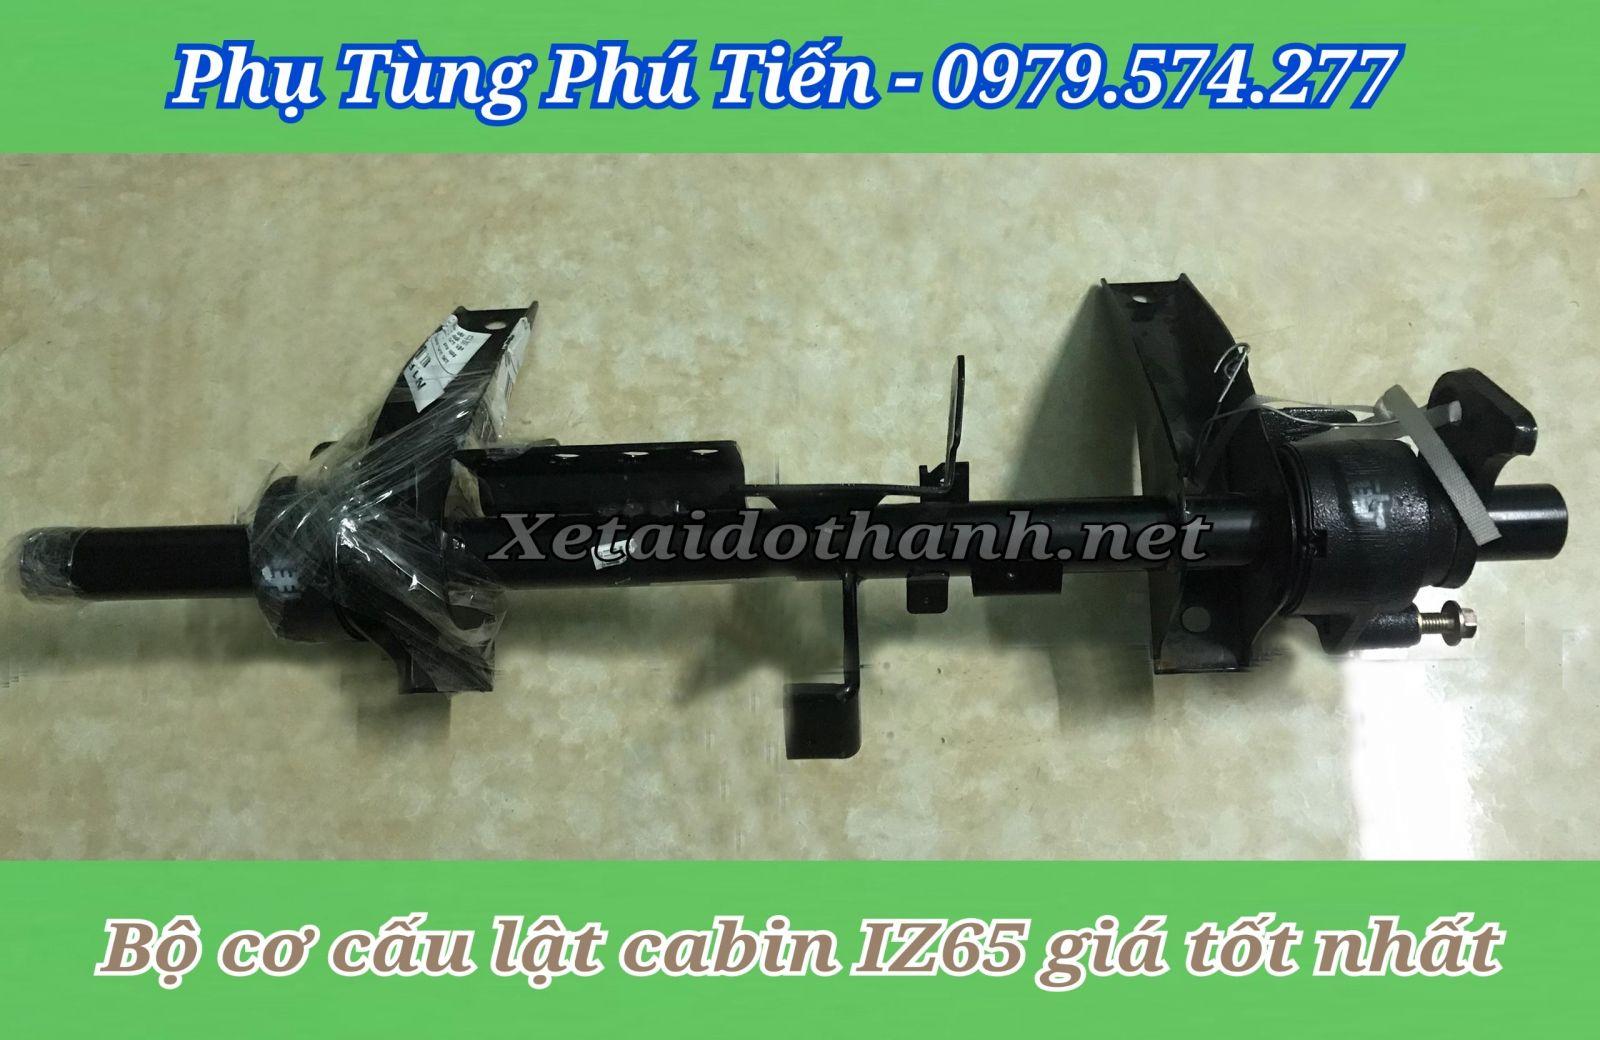 CUM NANG CABIN XE TAI IZ65